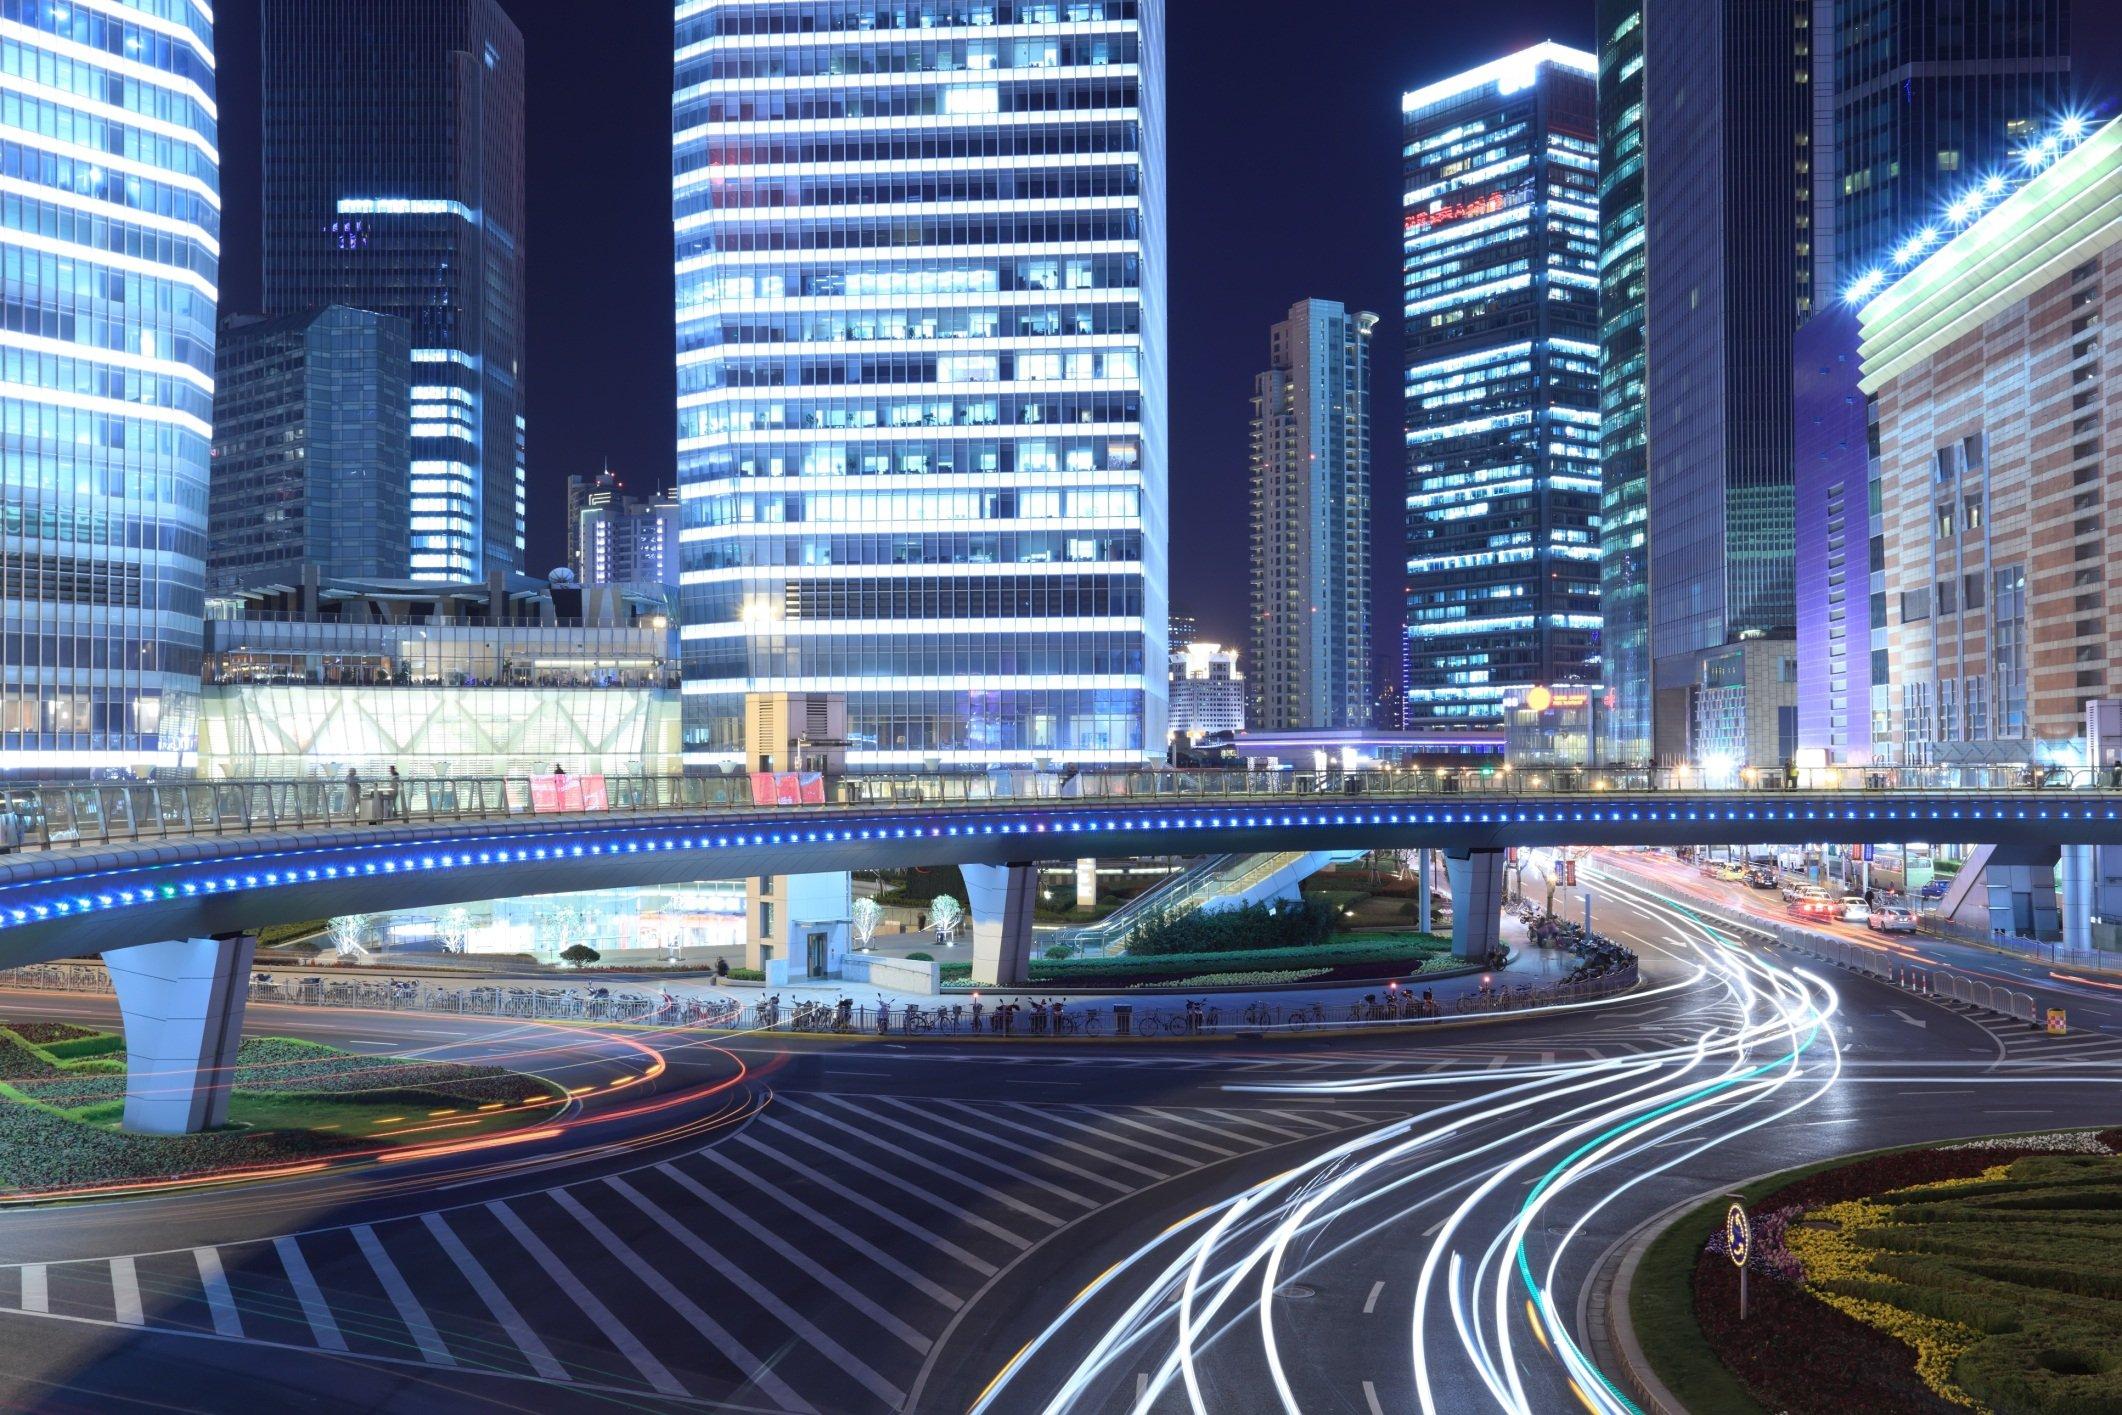 Умный город для тестирования роботов и ИИ будет построен в Японии